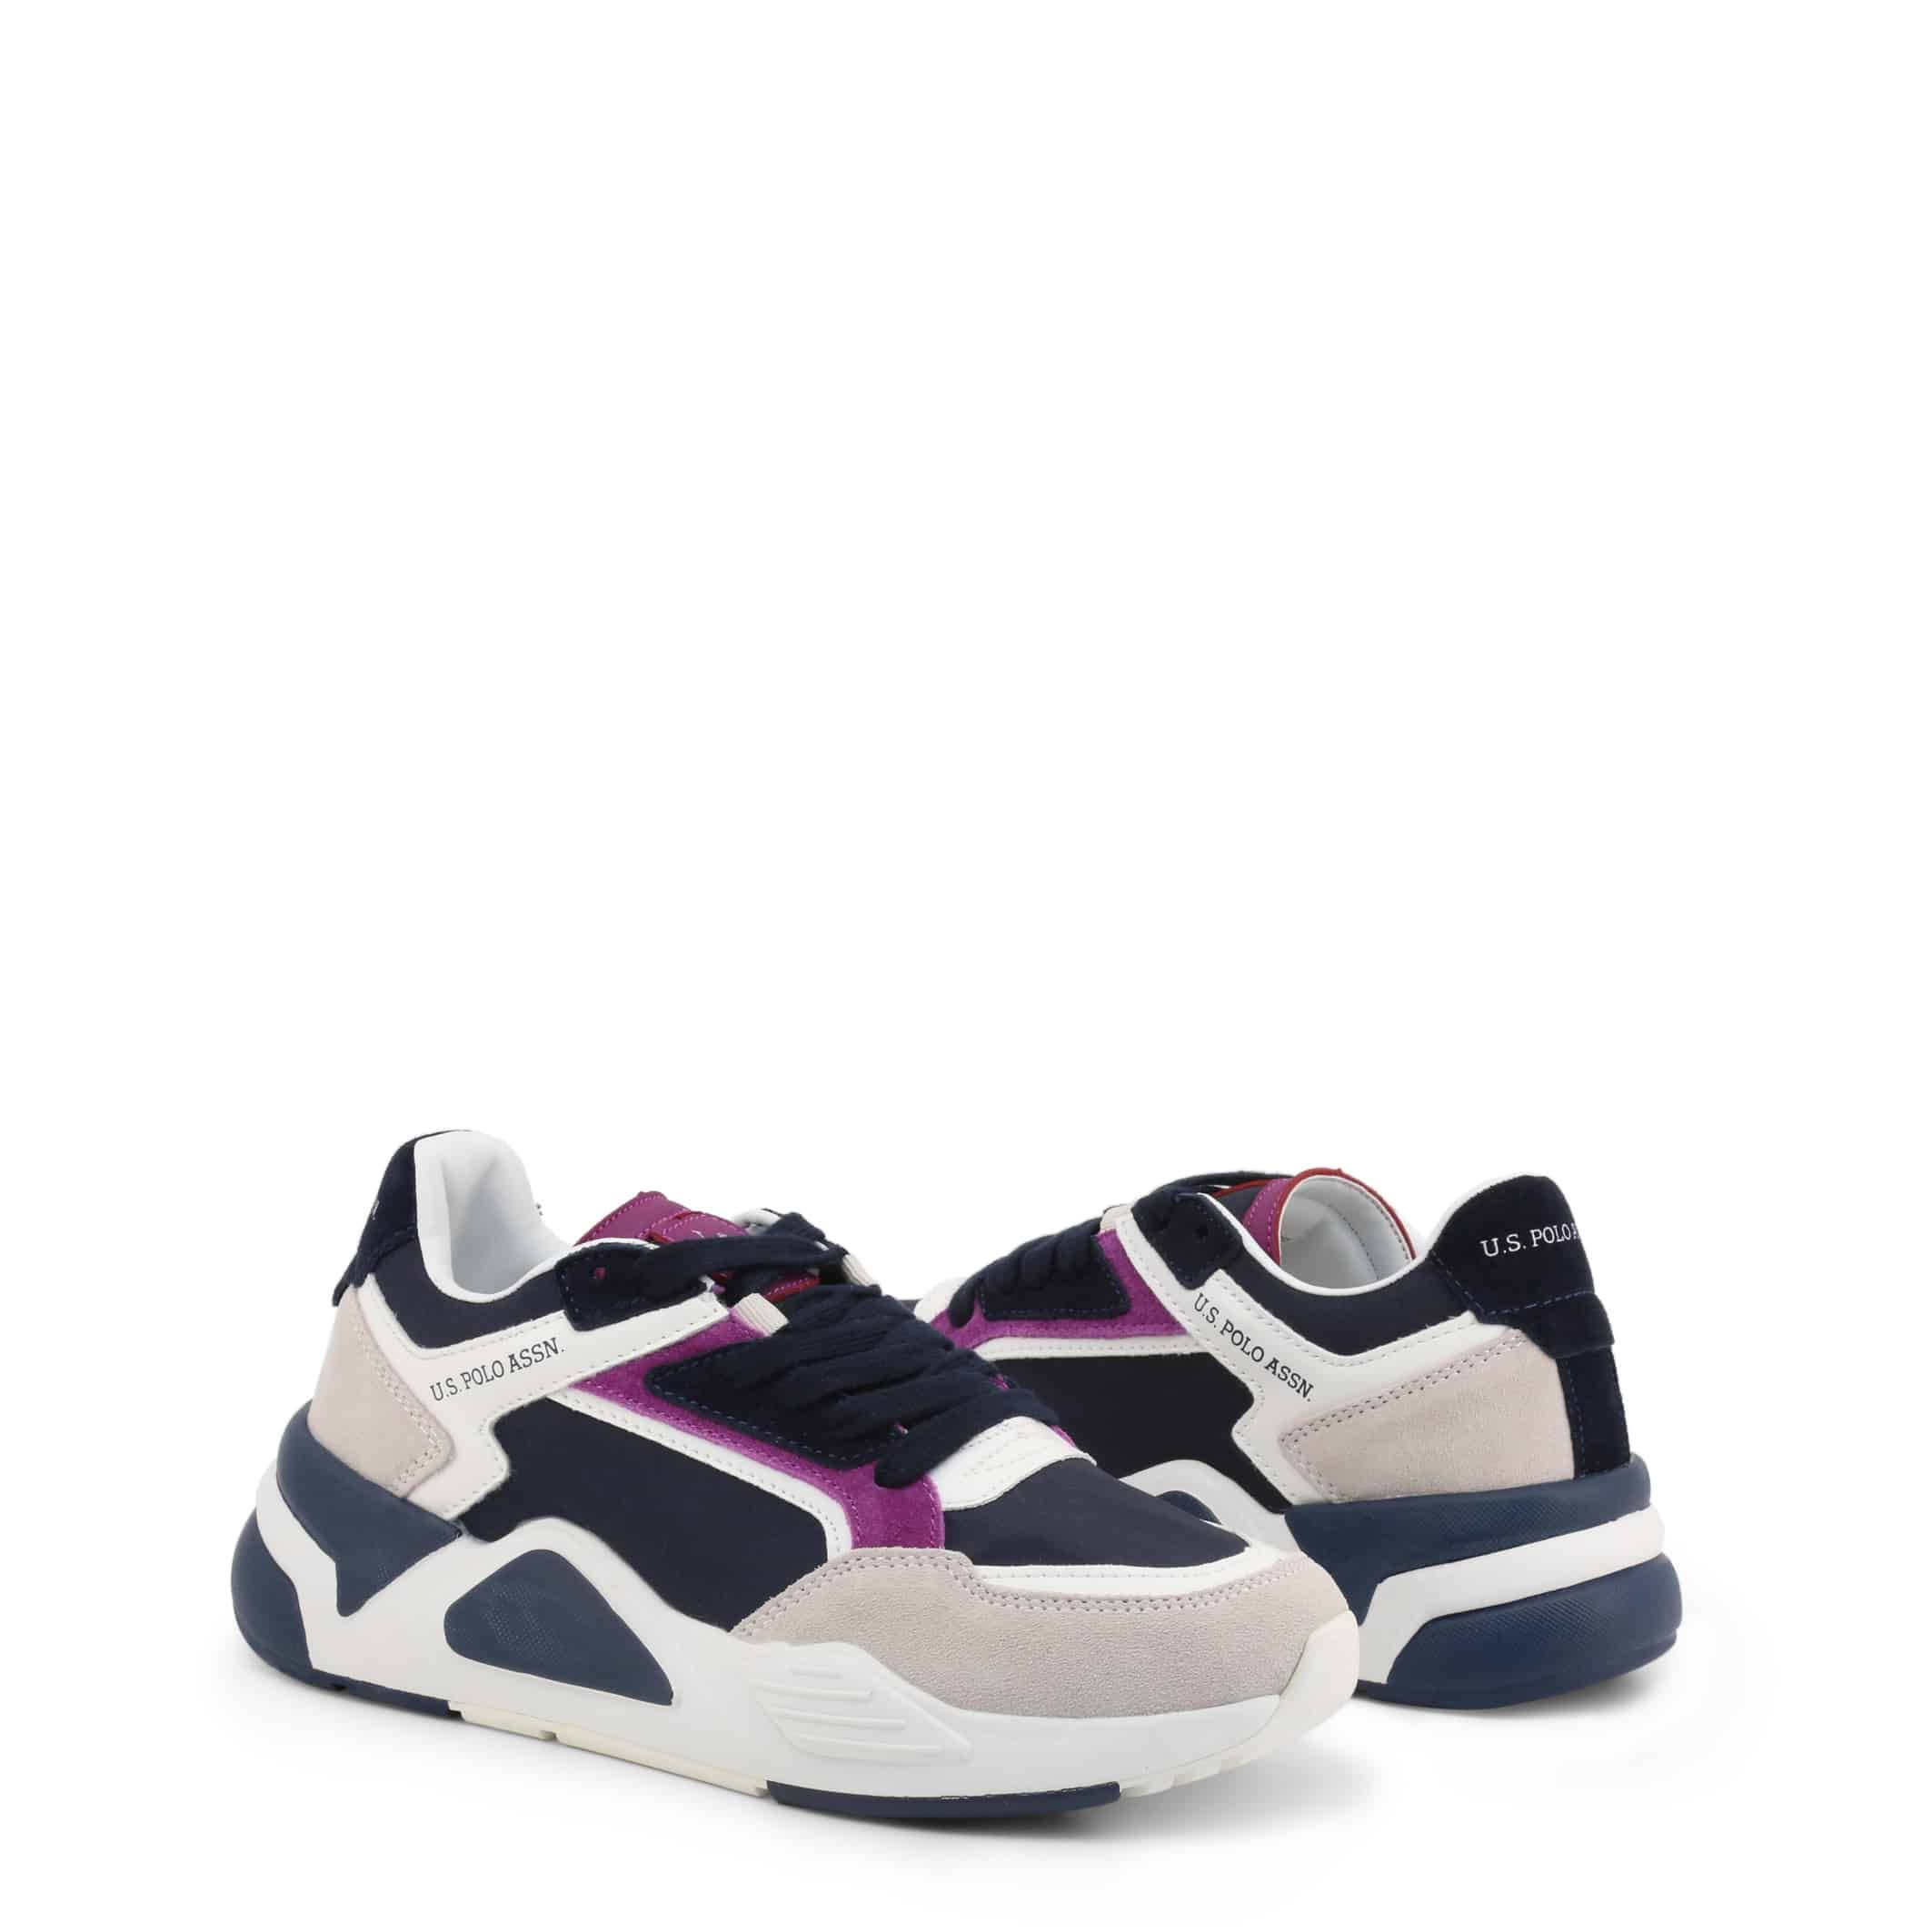 Schuhe U.S. Polo Assn. – BELIZ4231W9_NS1 – Weiß